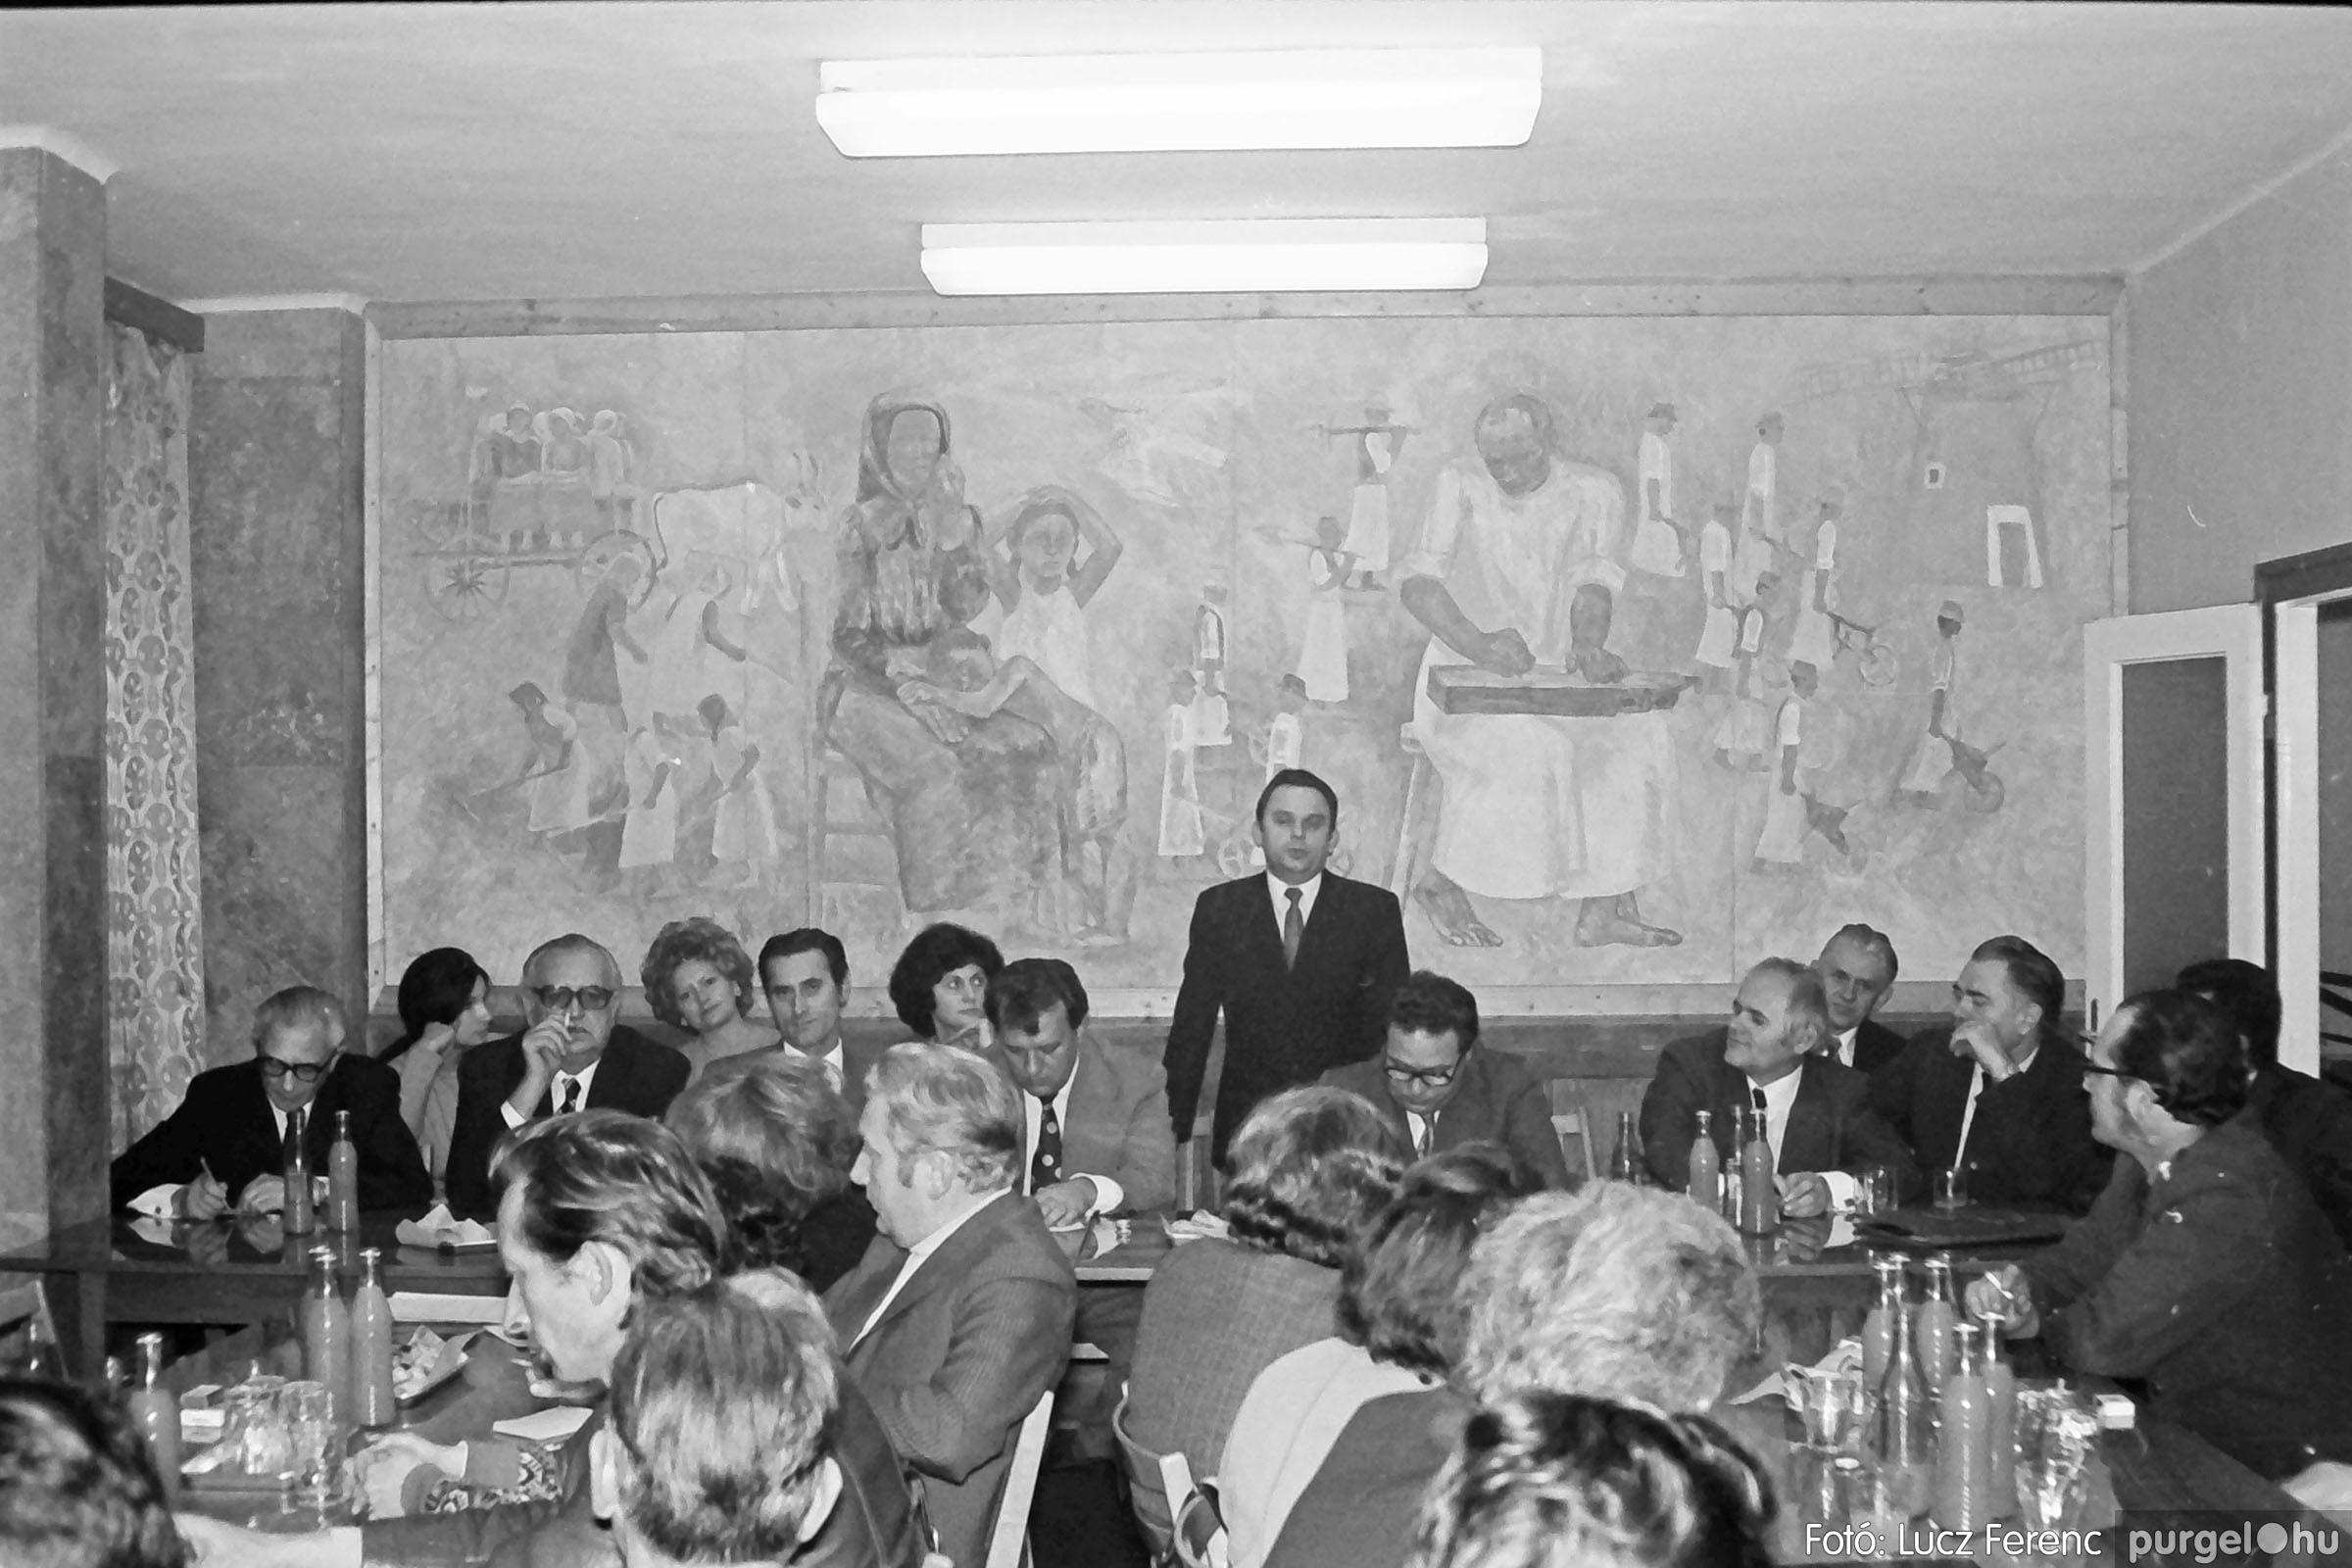 031. 1976. Rendezvény a pártházban 003 - Fotó: Lucz Ferenc.jpg